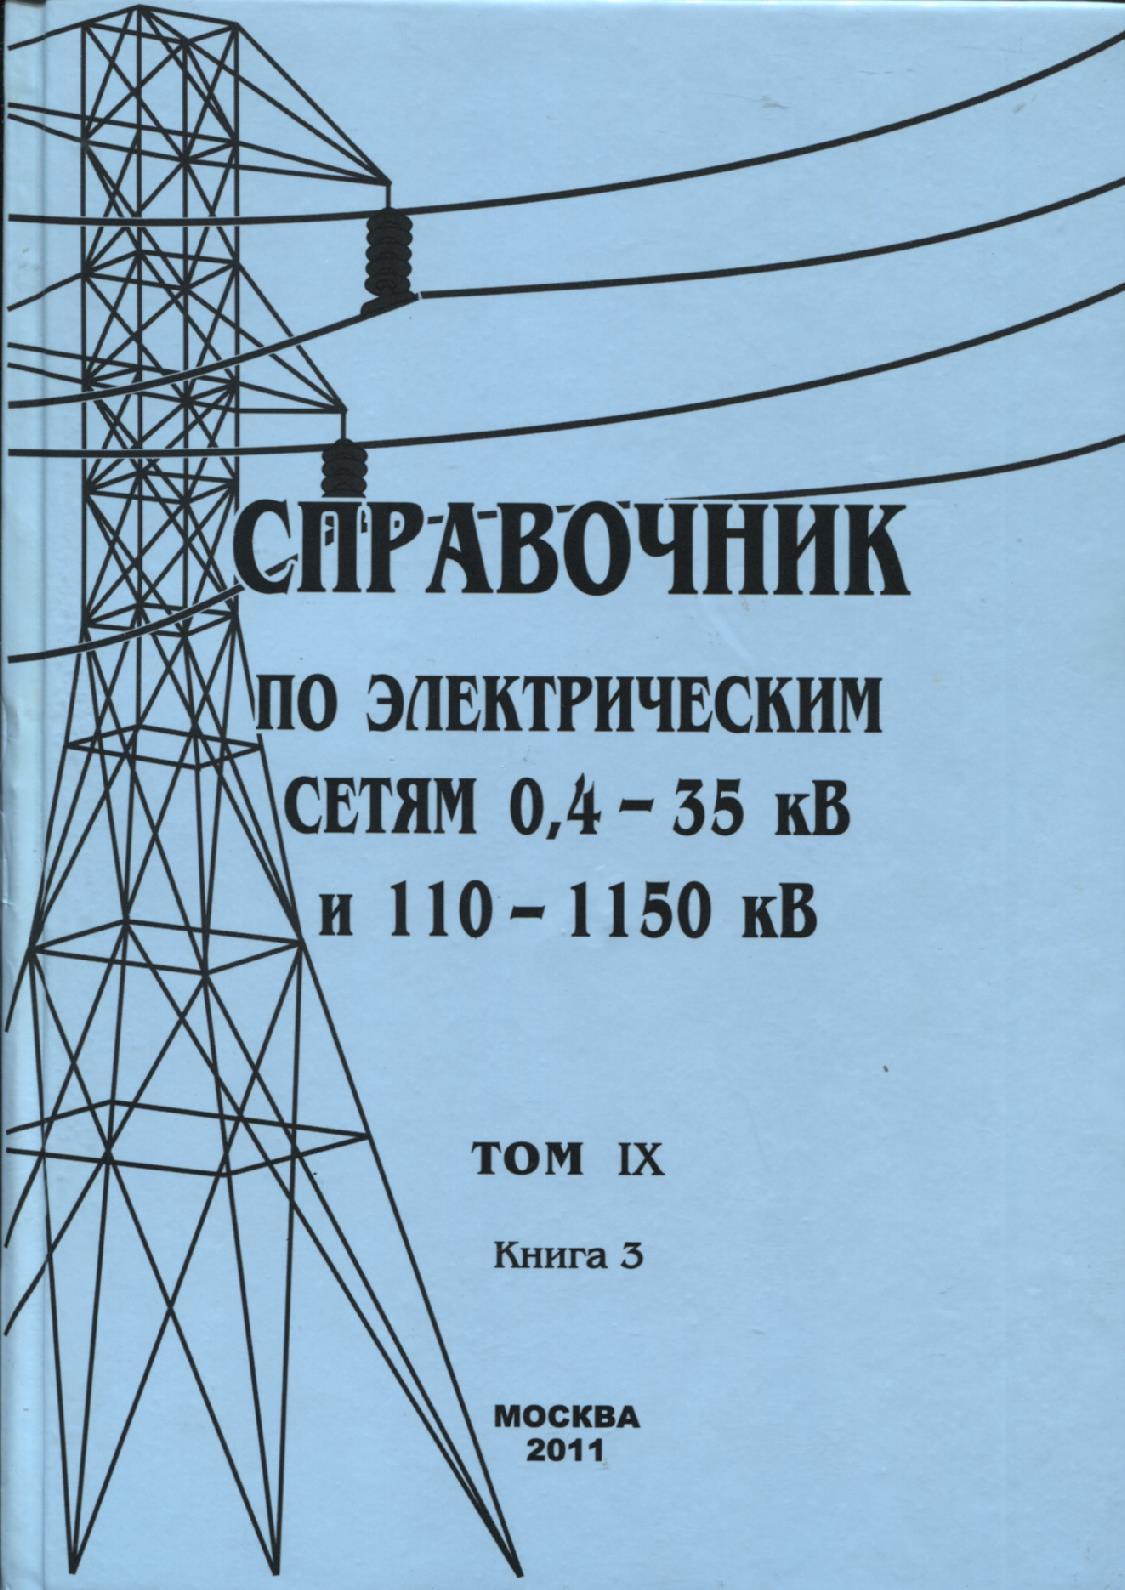 Справочник по электрическим сетям 0,4 - 35 кВ и 110 - 1150 кВ. Том 9. Книга 3. асприн р разведчики времени мошенники времени